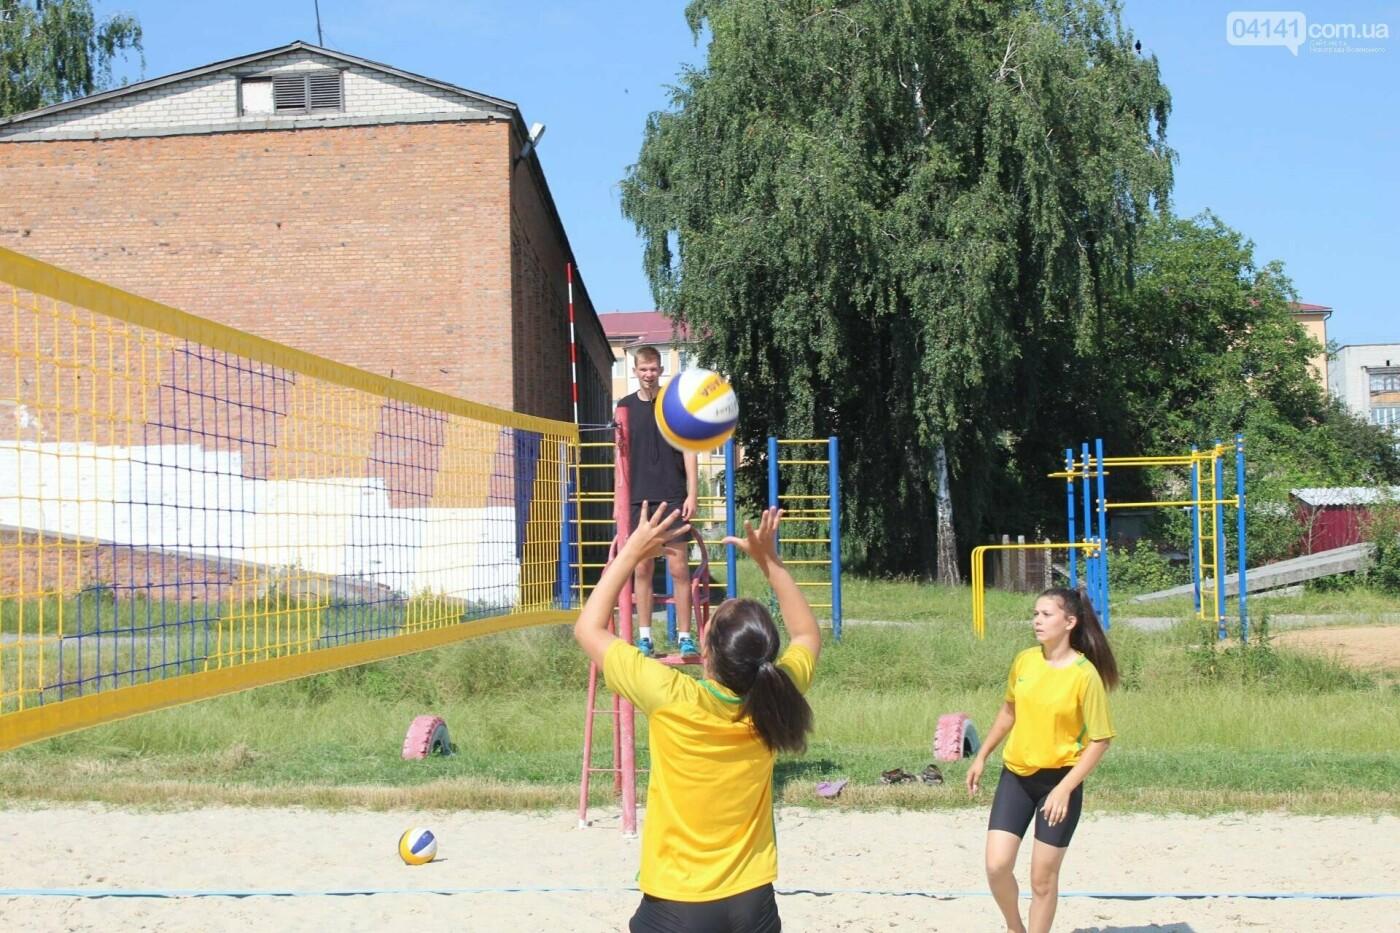 У Новограді-Волинському відбувся турнір з пляжного волейболу (ФОТО, ВІДЕО, РЕЗУЛЬТАТИ), фото-1